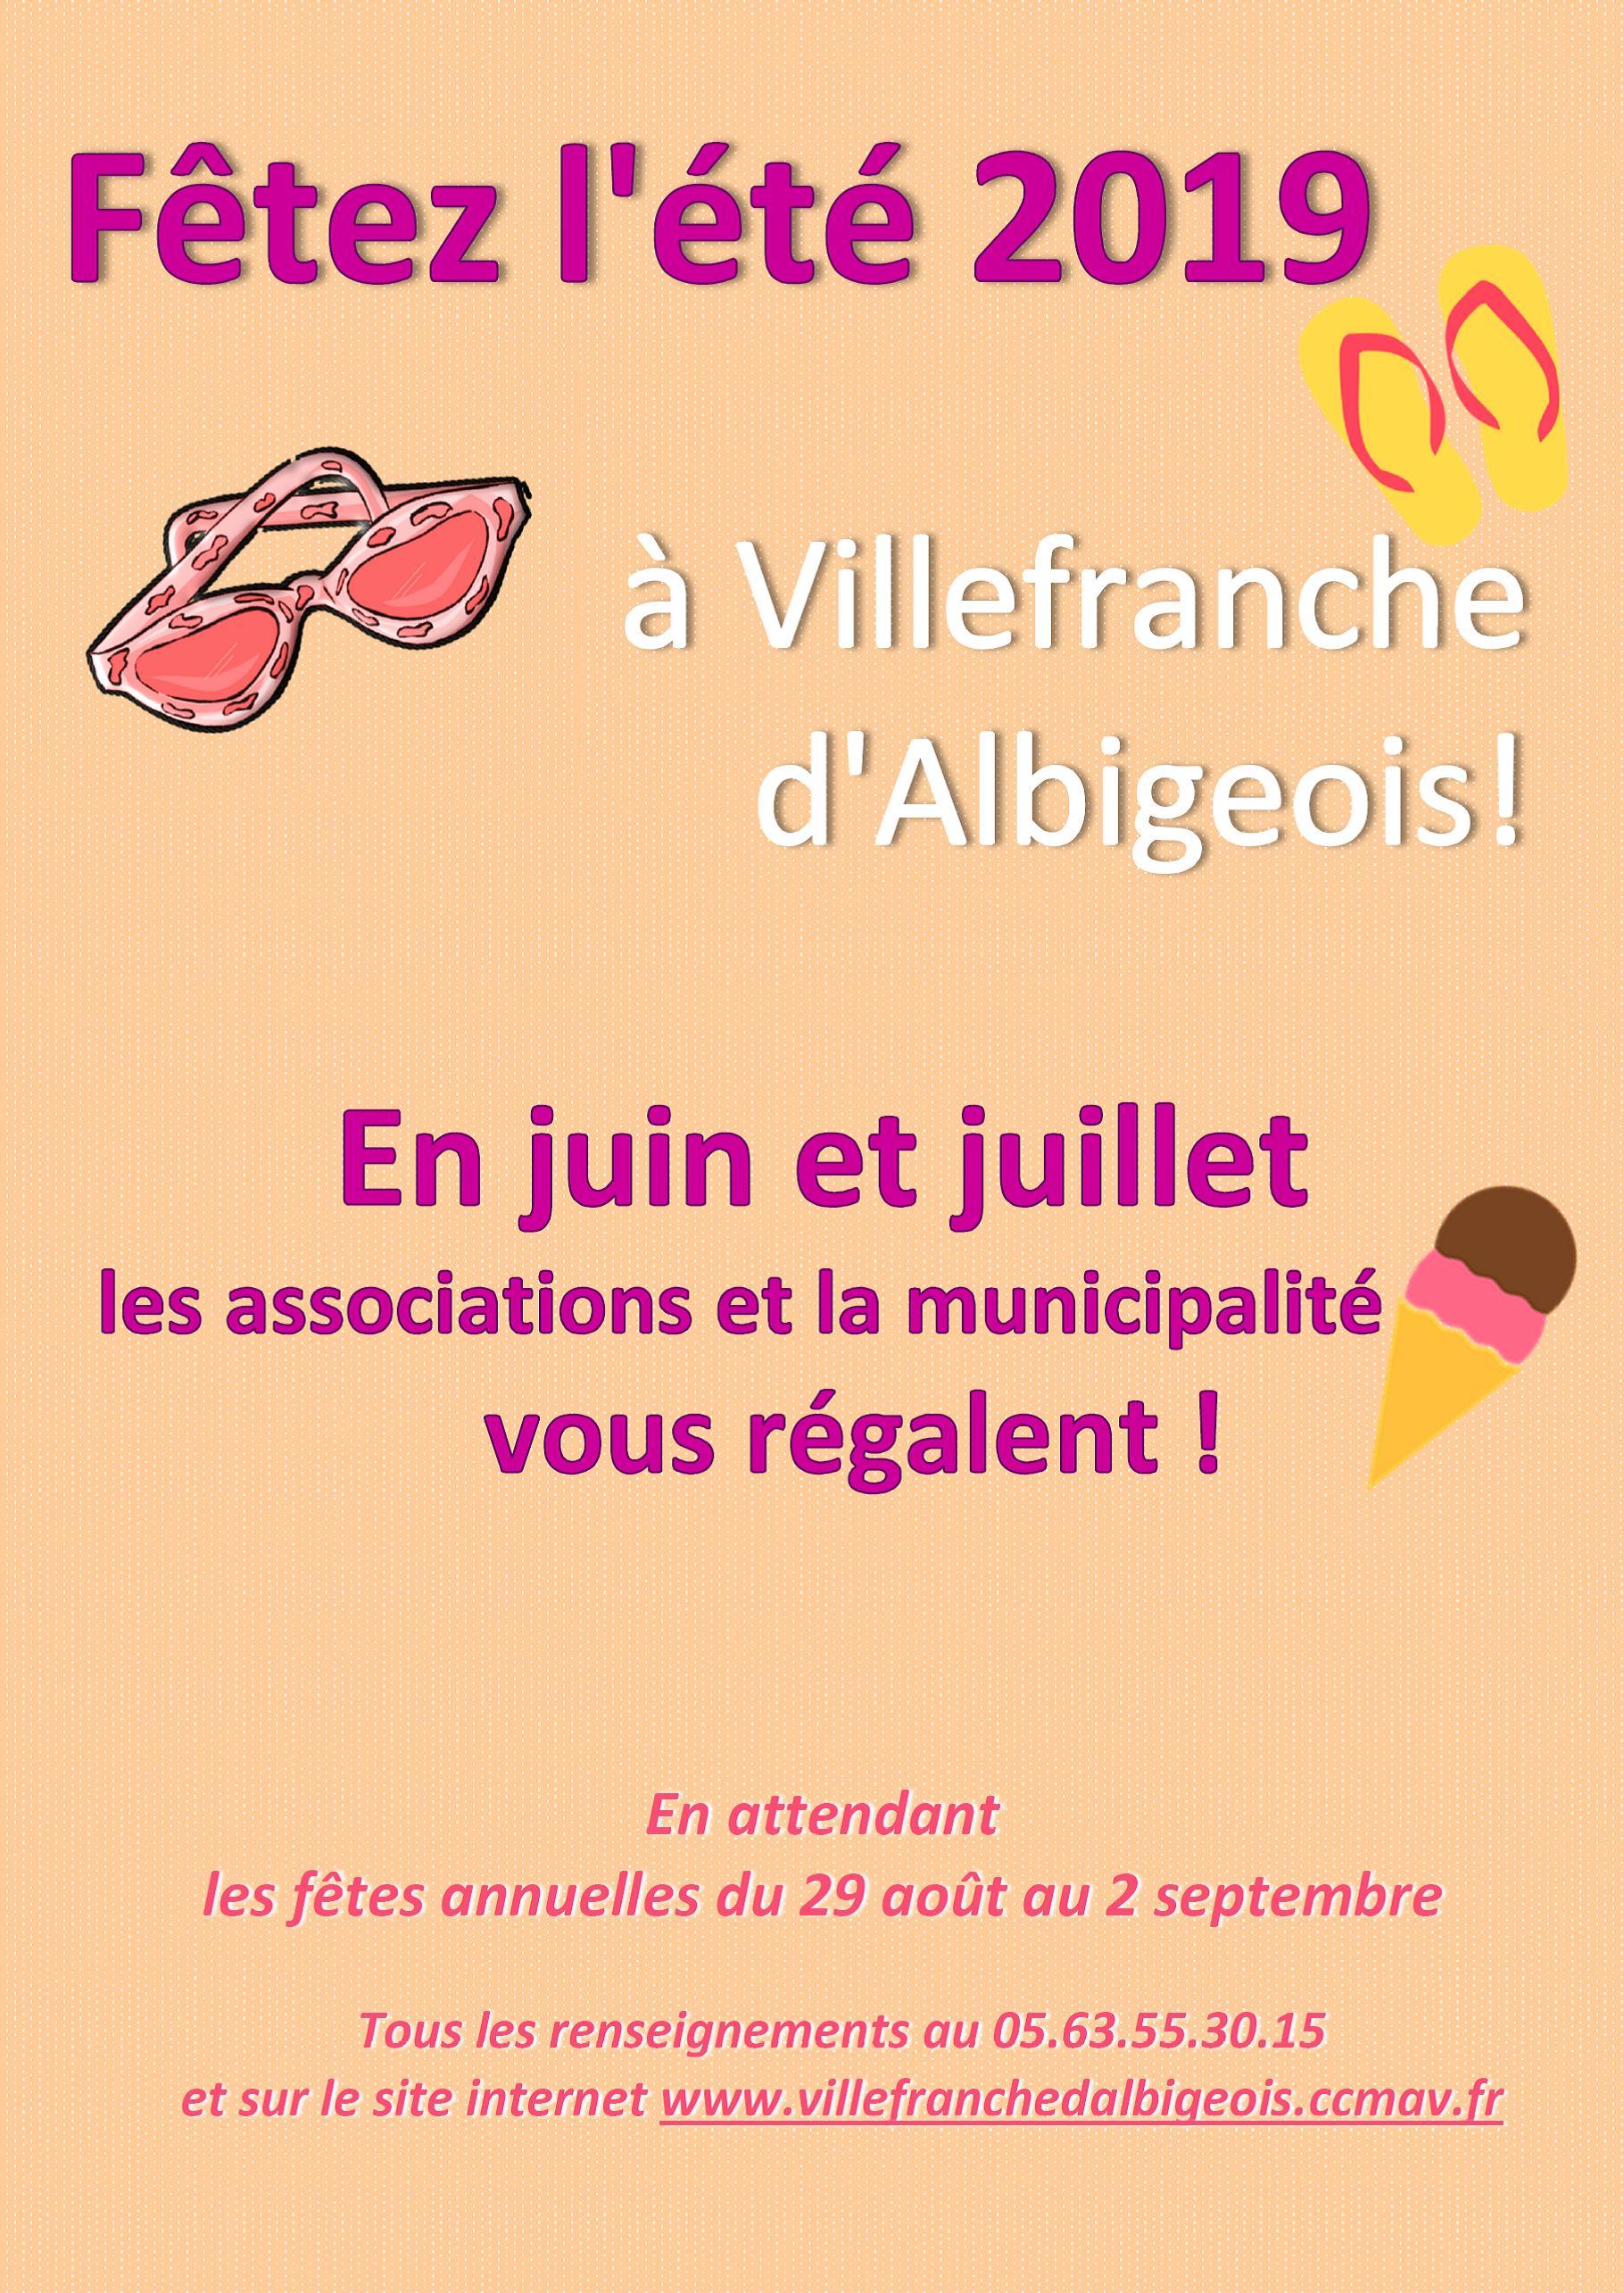 Fêtez l'été 2019 à Villefranche d'Albigeois